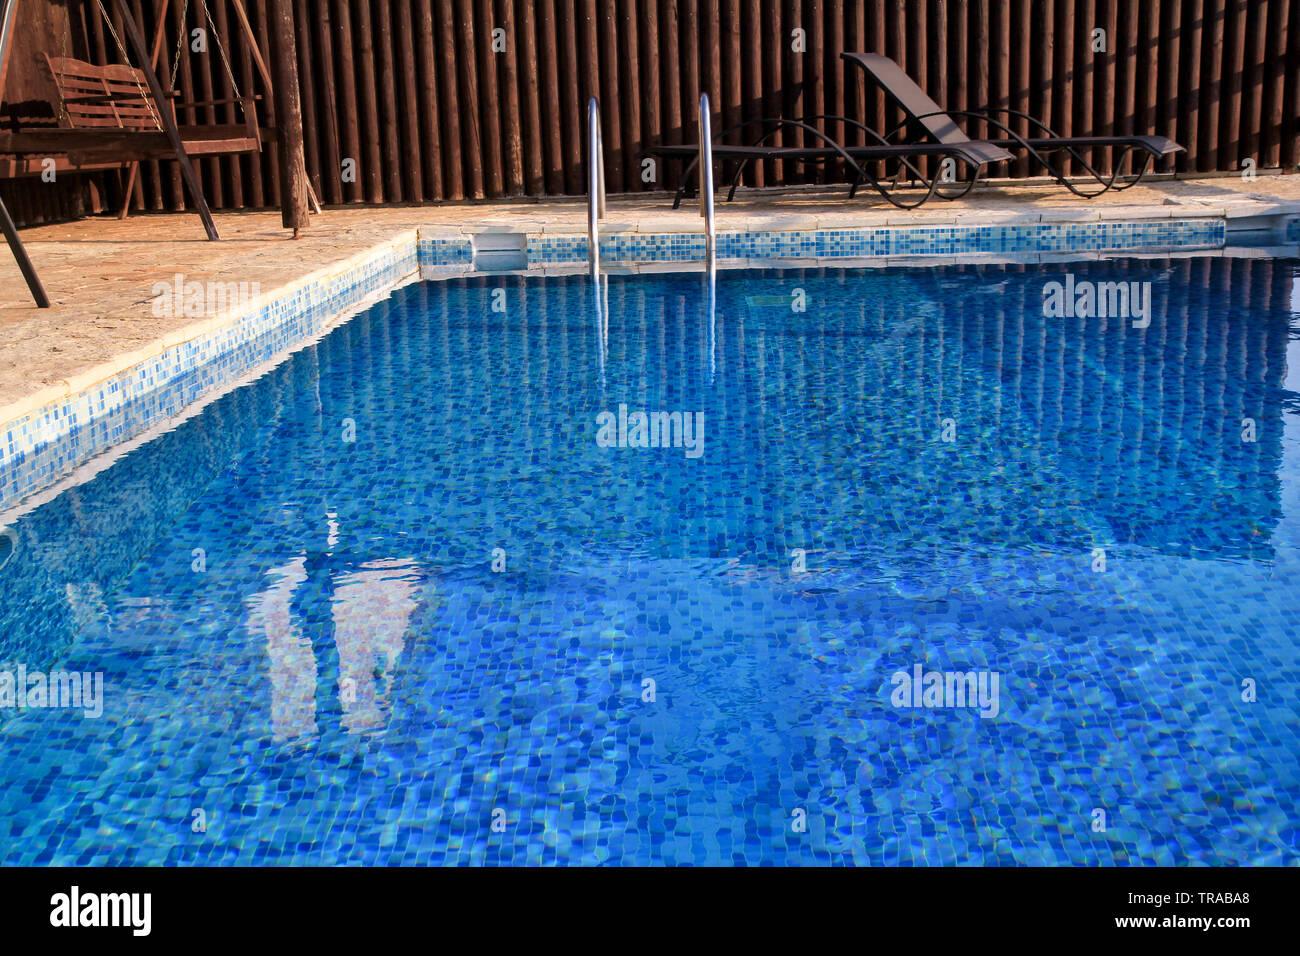 Pool Design moderne Architektur von Luxus Ferienvilla. In ...